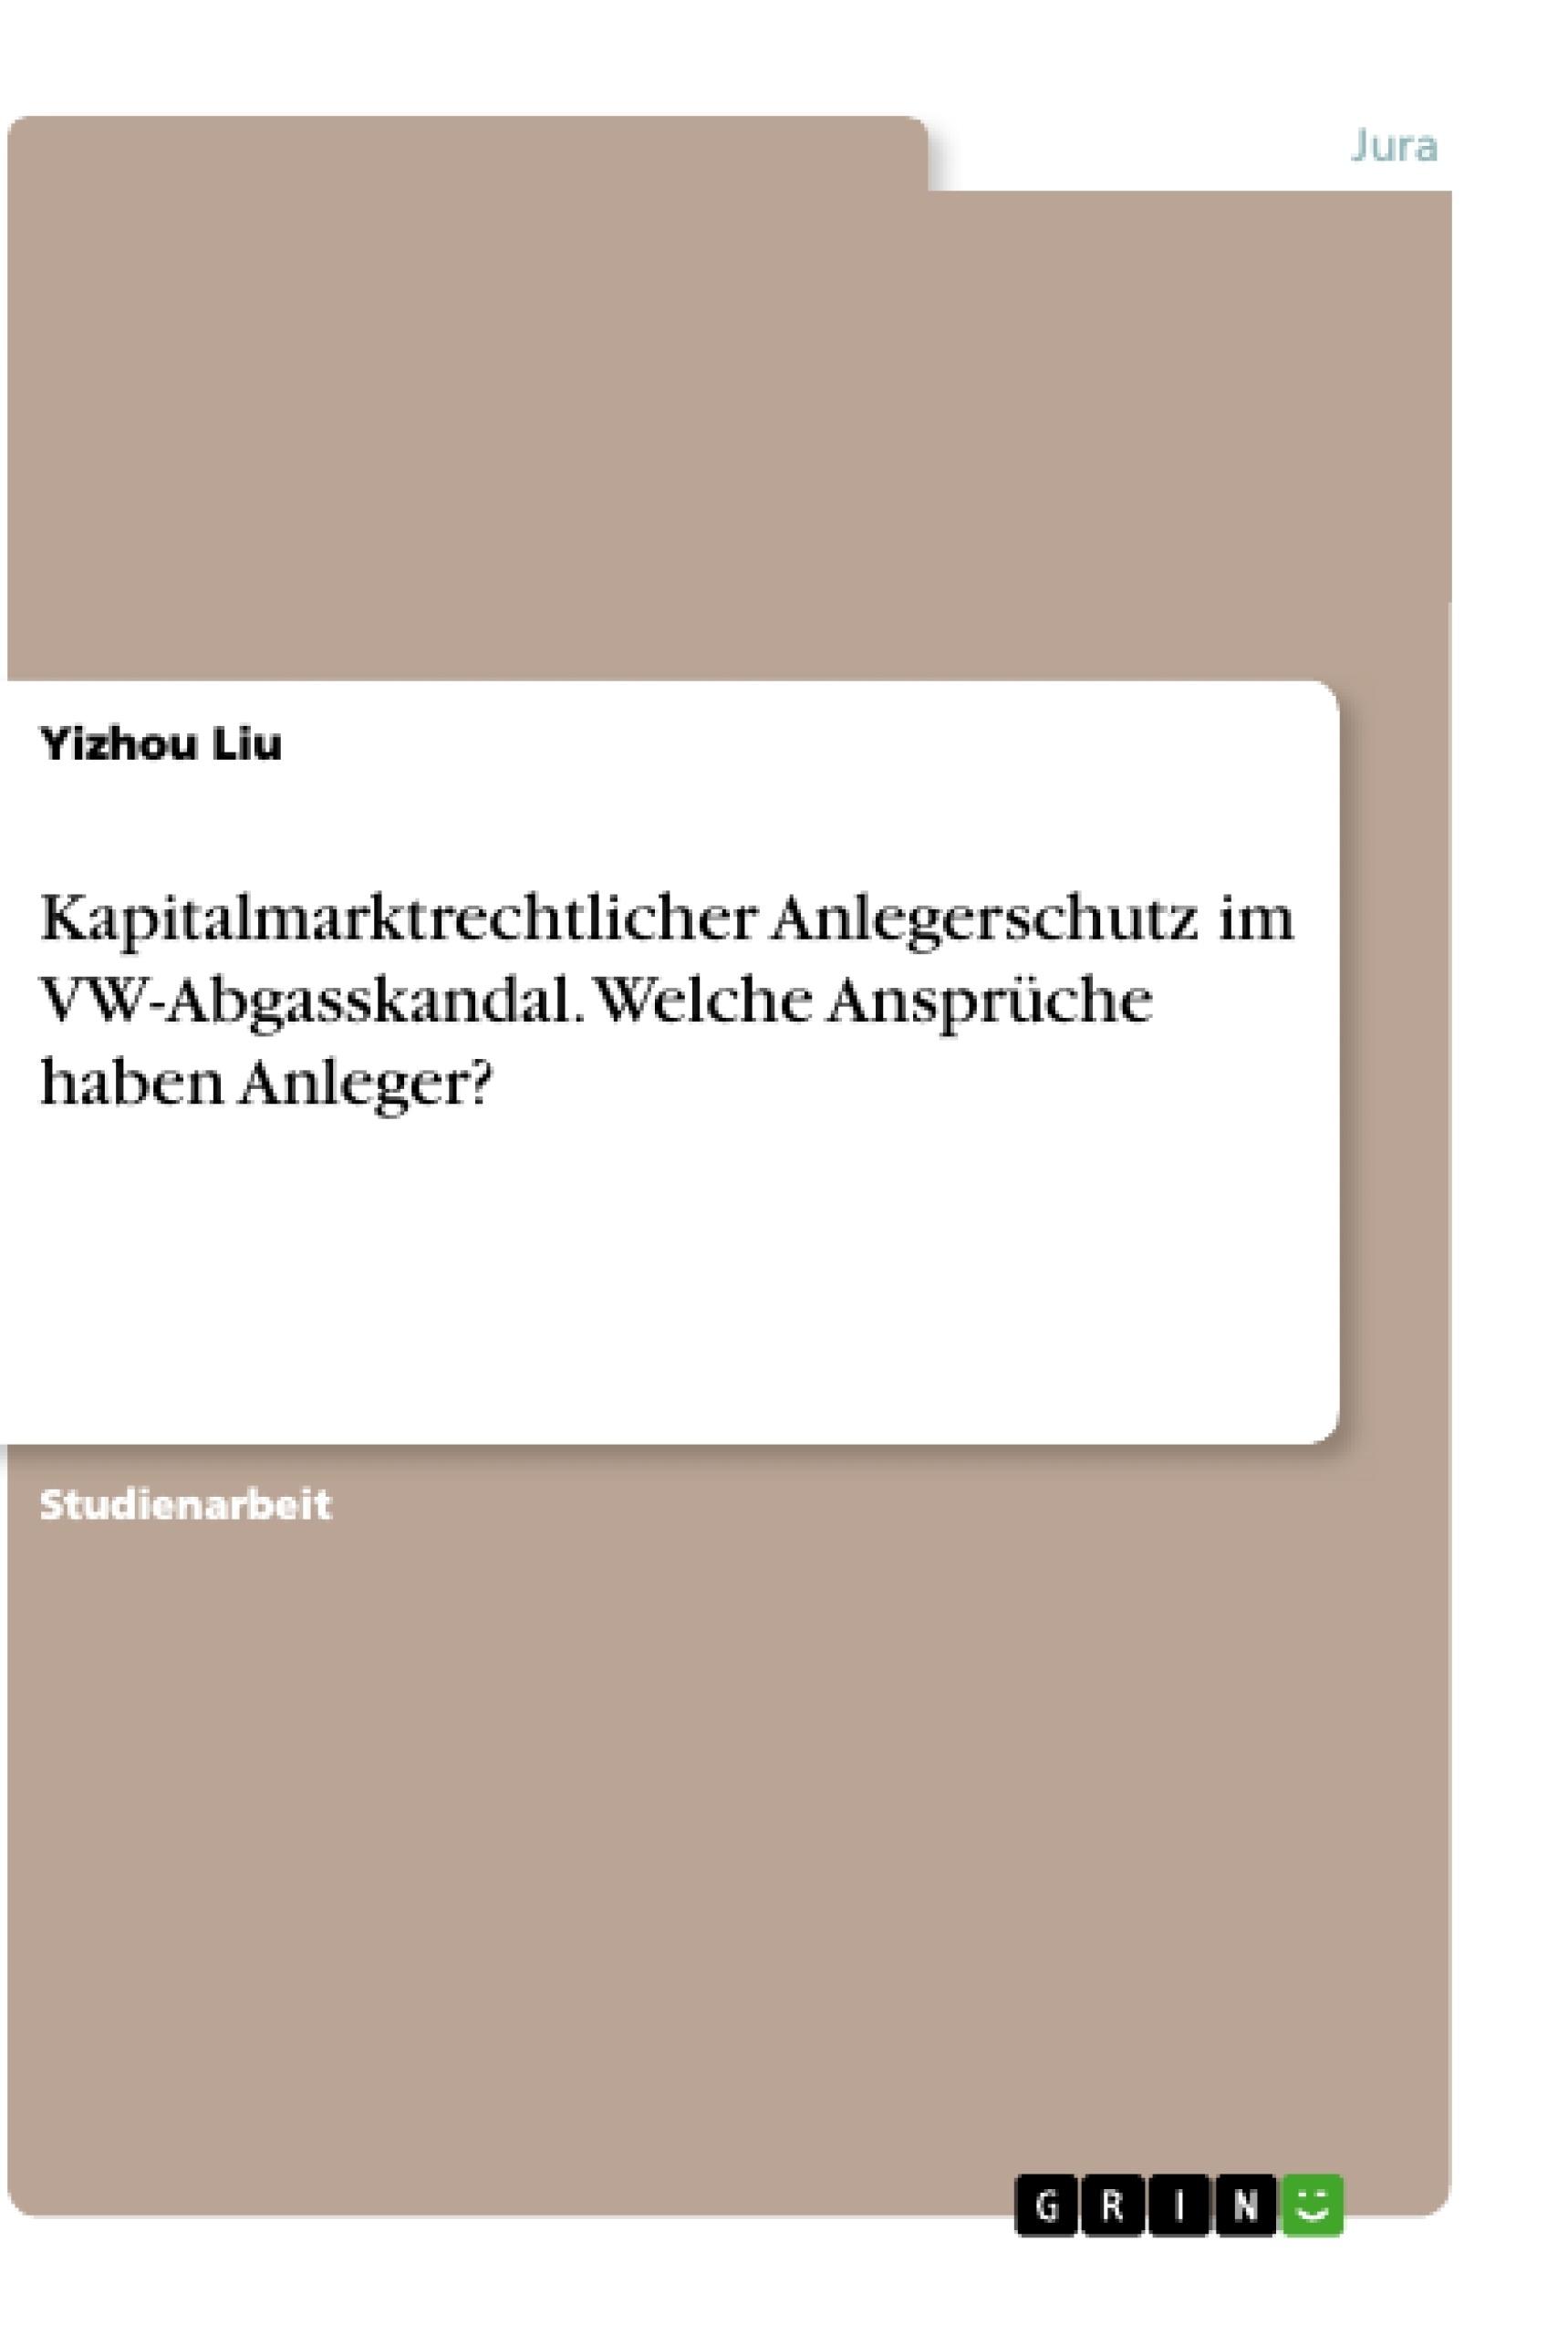 Titel: Kapitalmarktrechtlicher Anlegerschutz im VW-Abgasskandal. Welche Ansprüche haben Anleger?